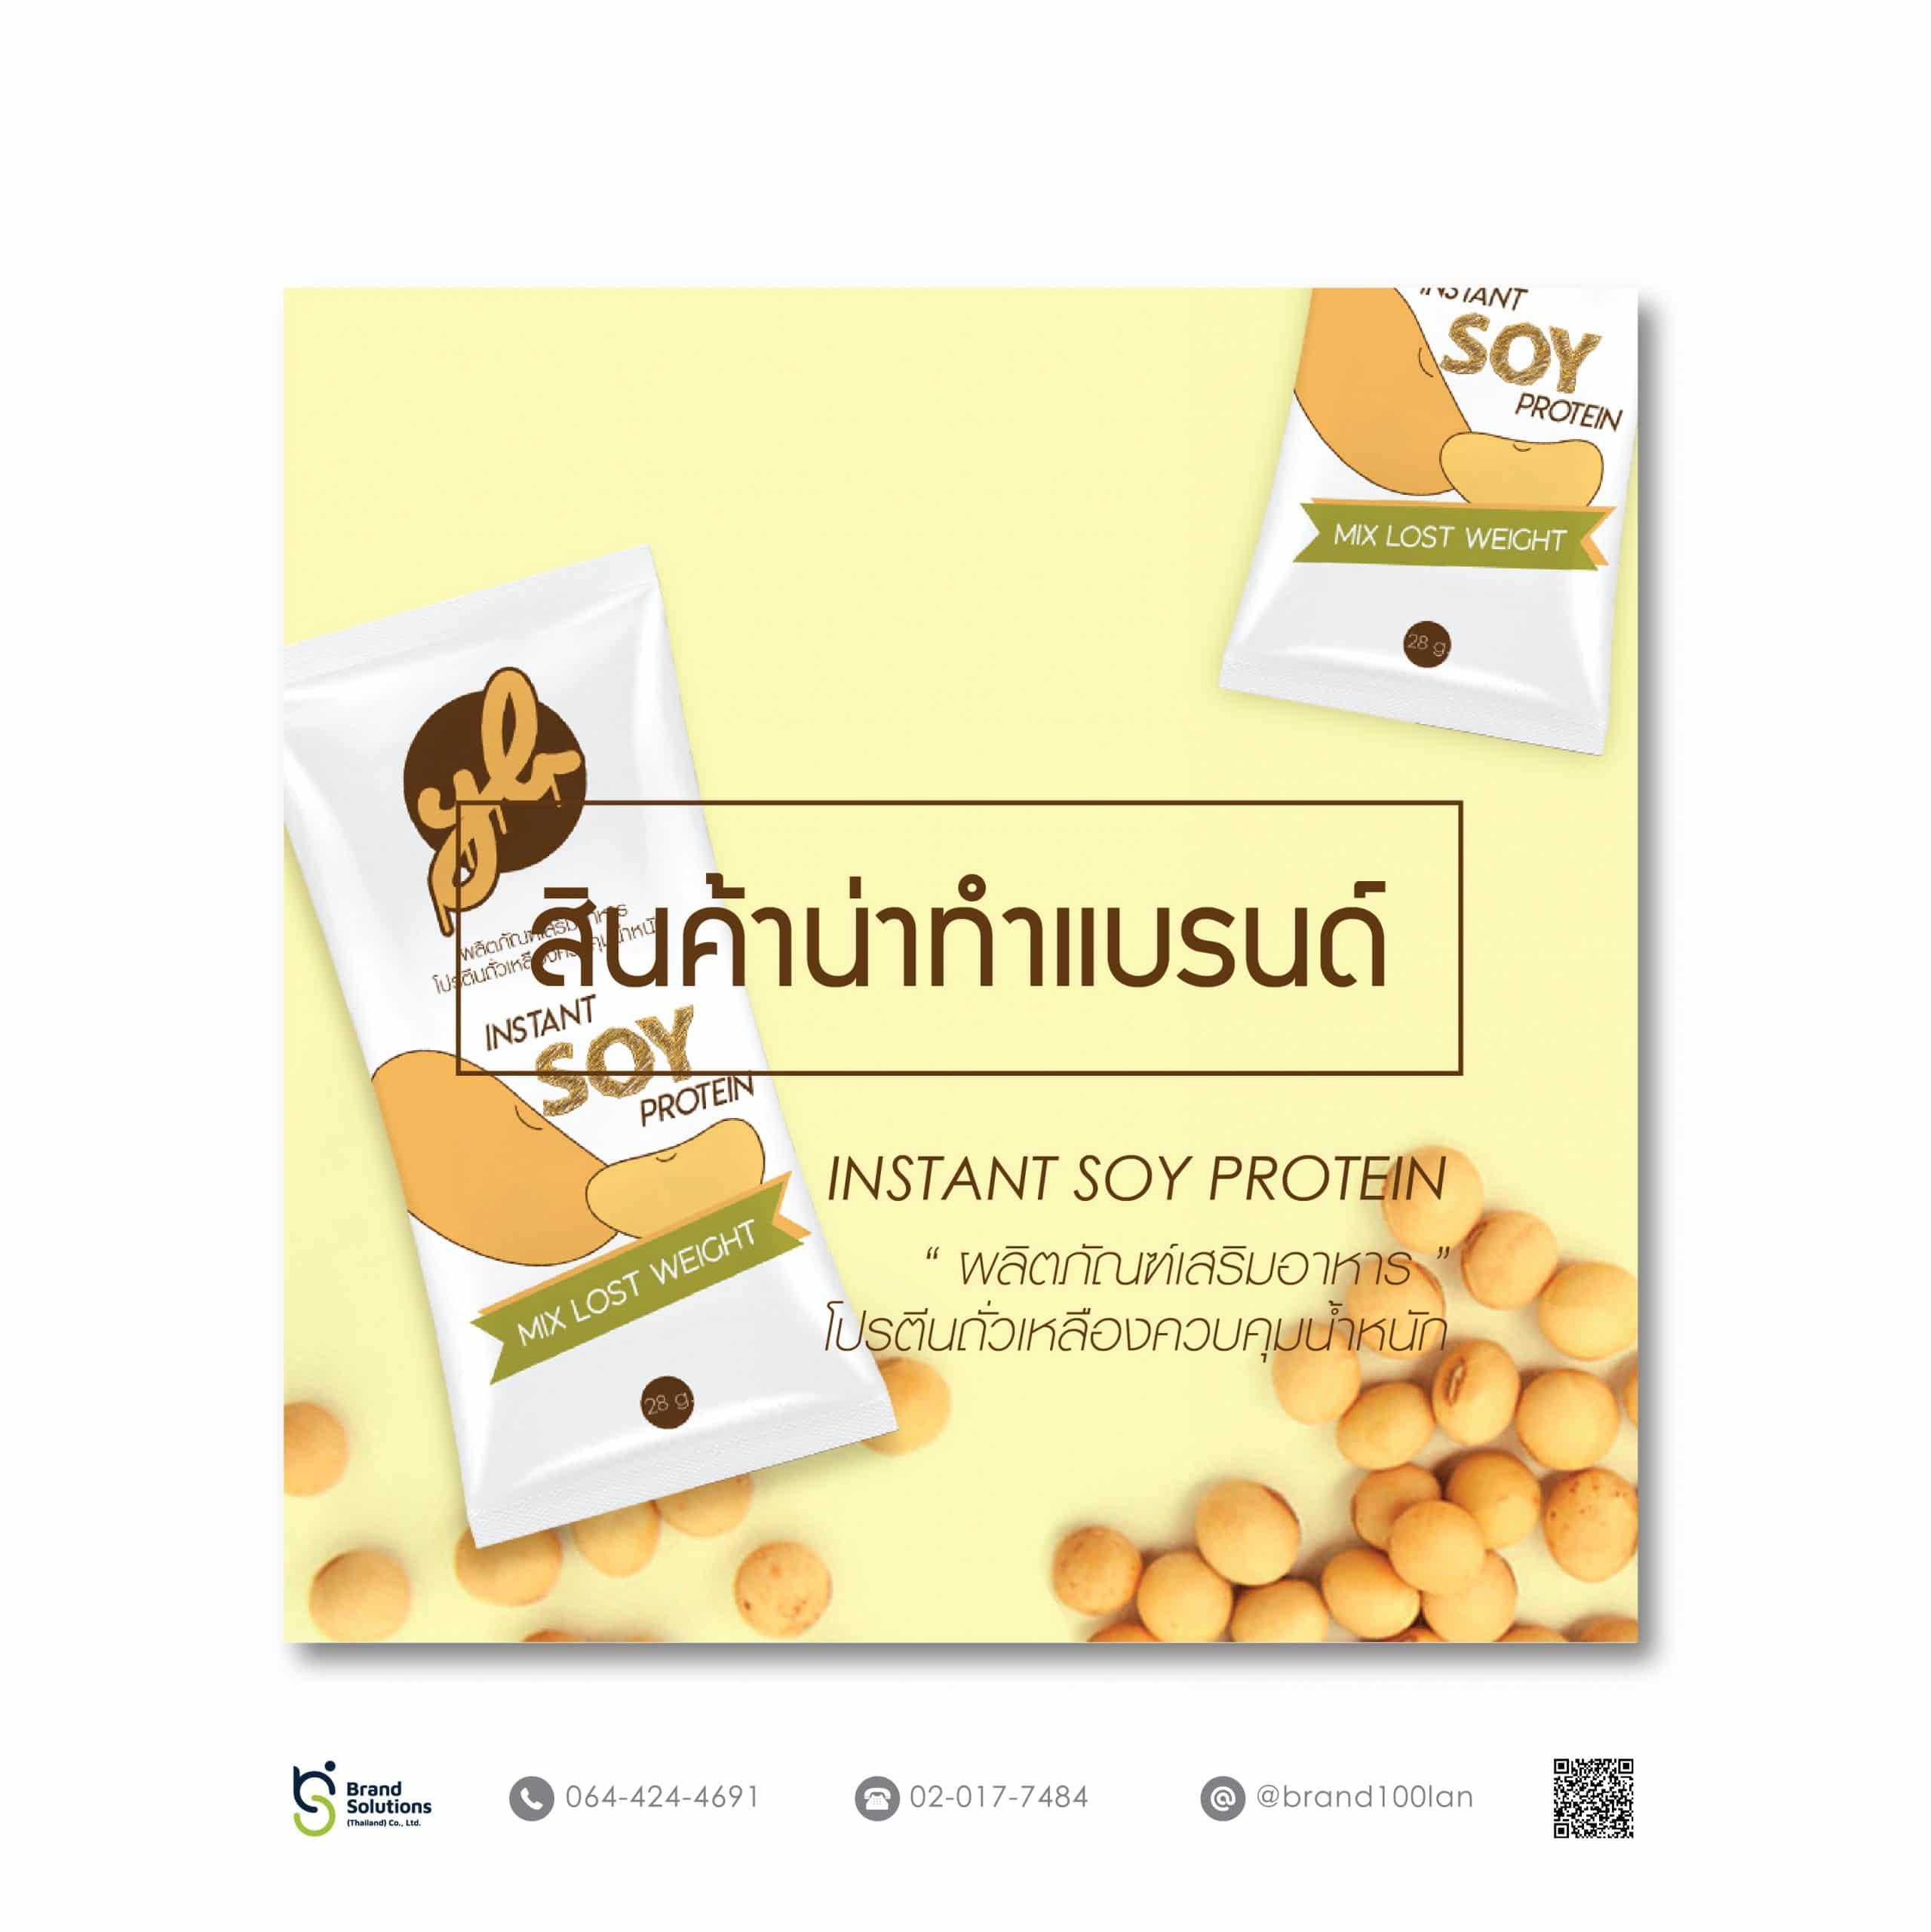 ผลิตภัณฑ์เสริมอาหาร โปรตีนถั่วเหลืองควบคุมน้ำหนัก